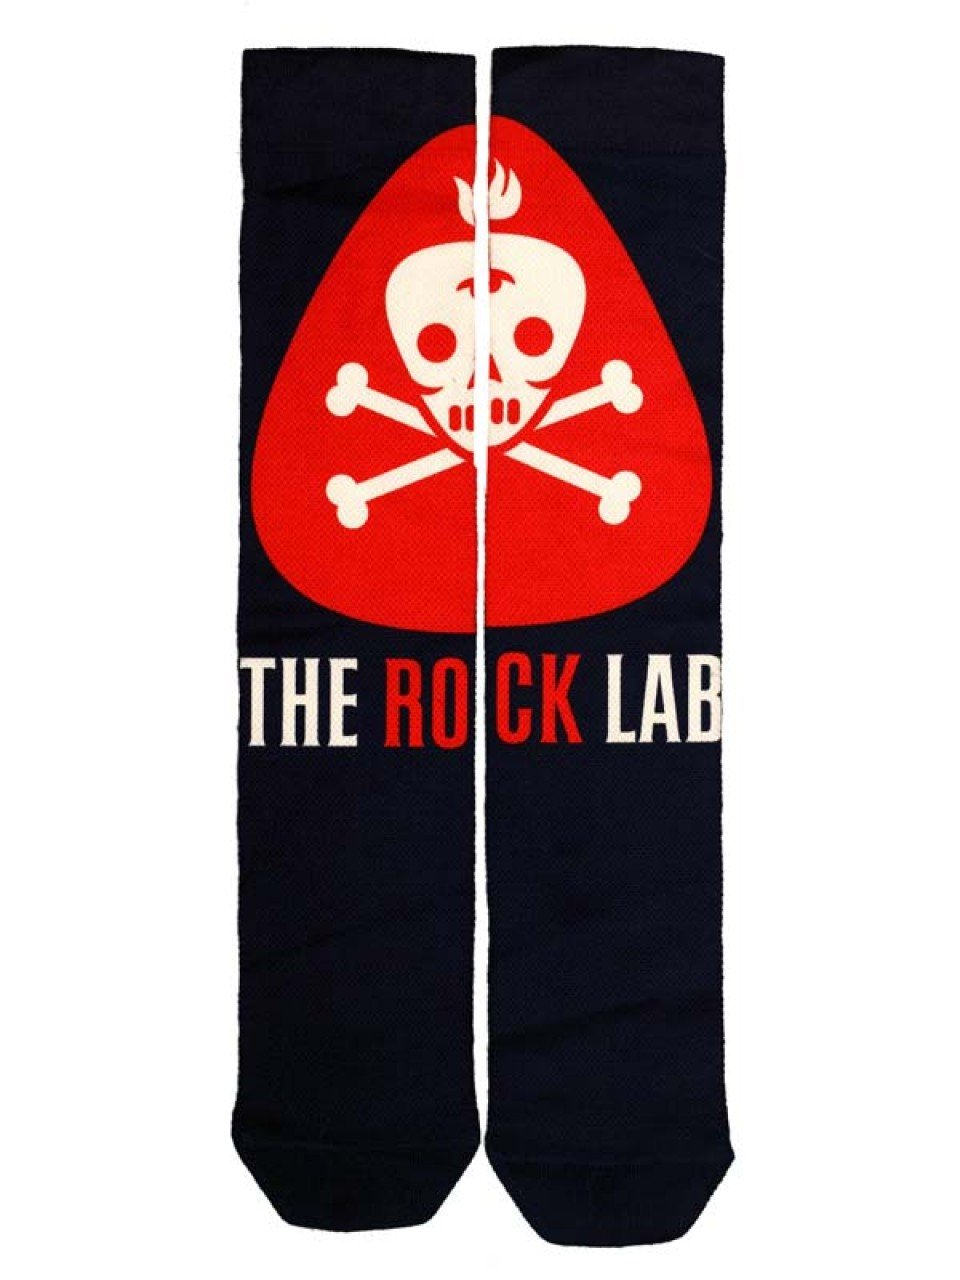 The Rock Lab (Limitado)